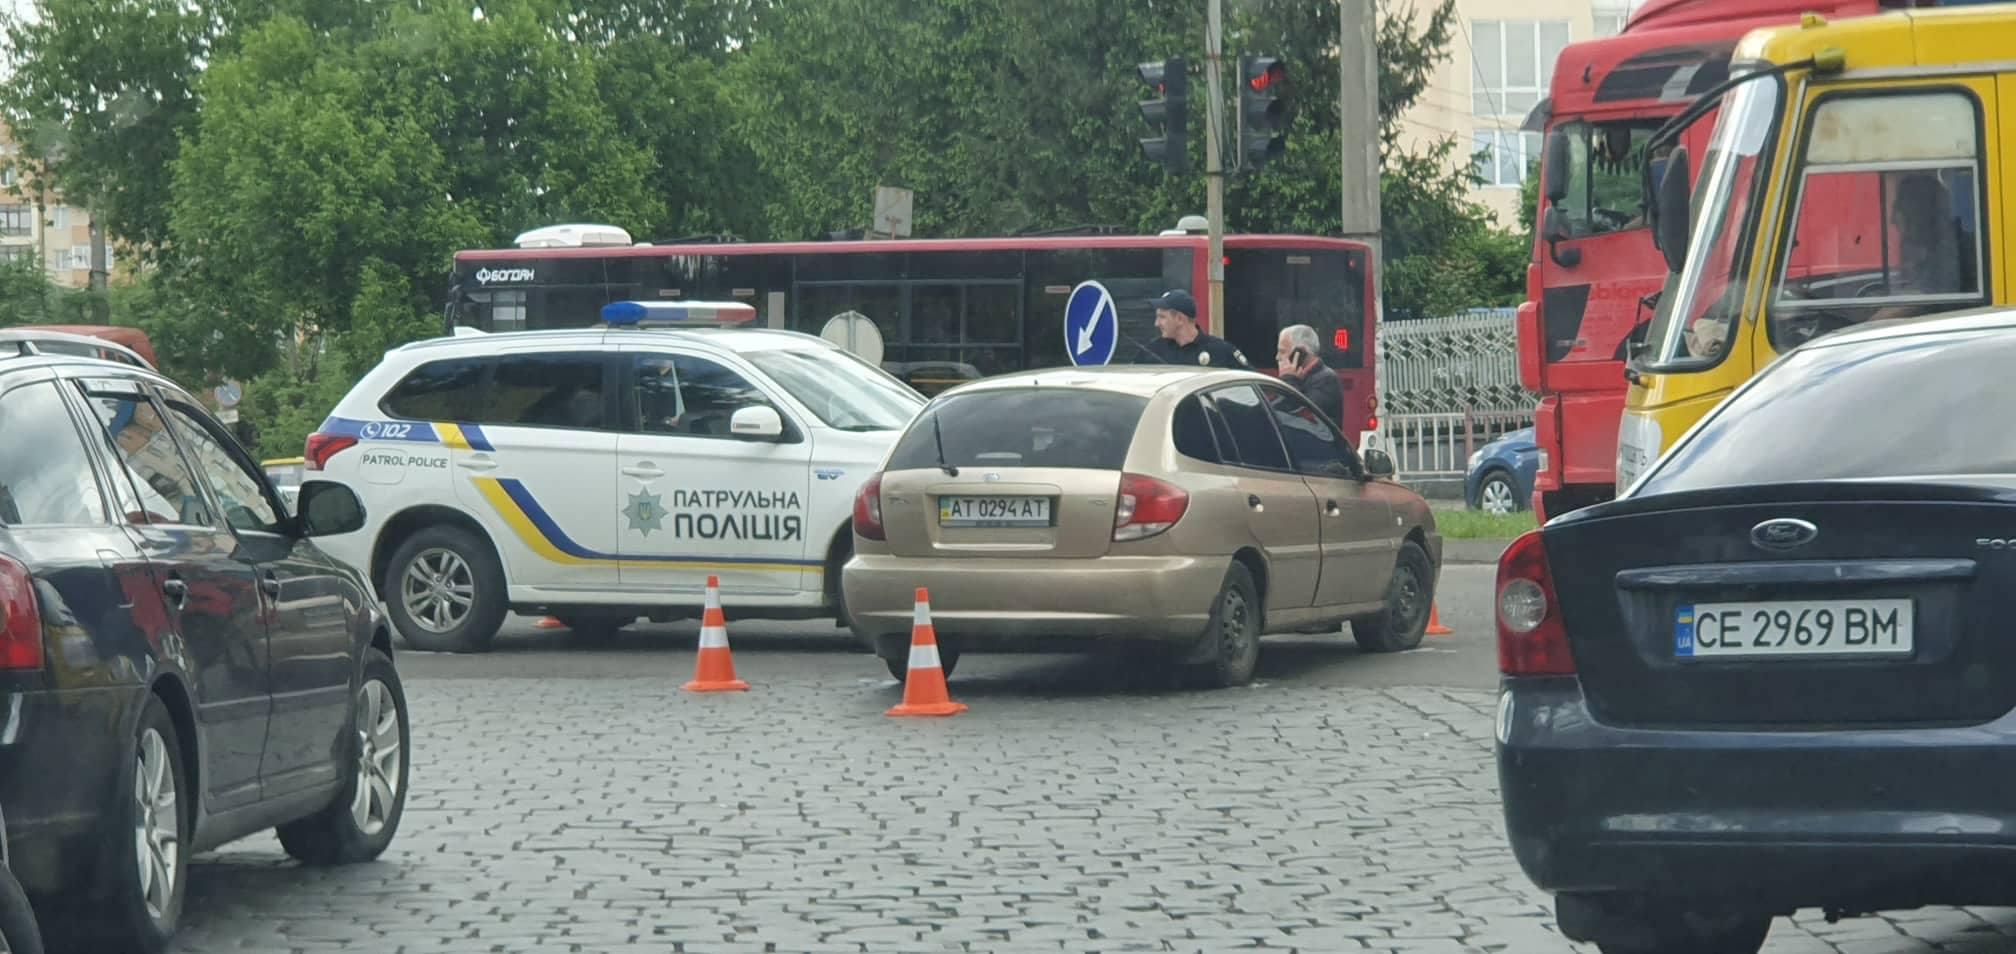 ДТП у Франківську: водій KIA не пропустив патрульних, які поспішали на виклик (ФОТО)